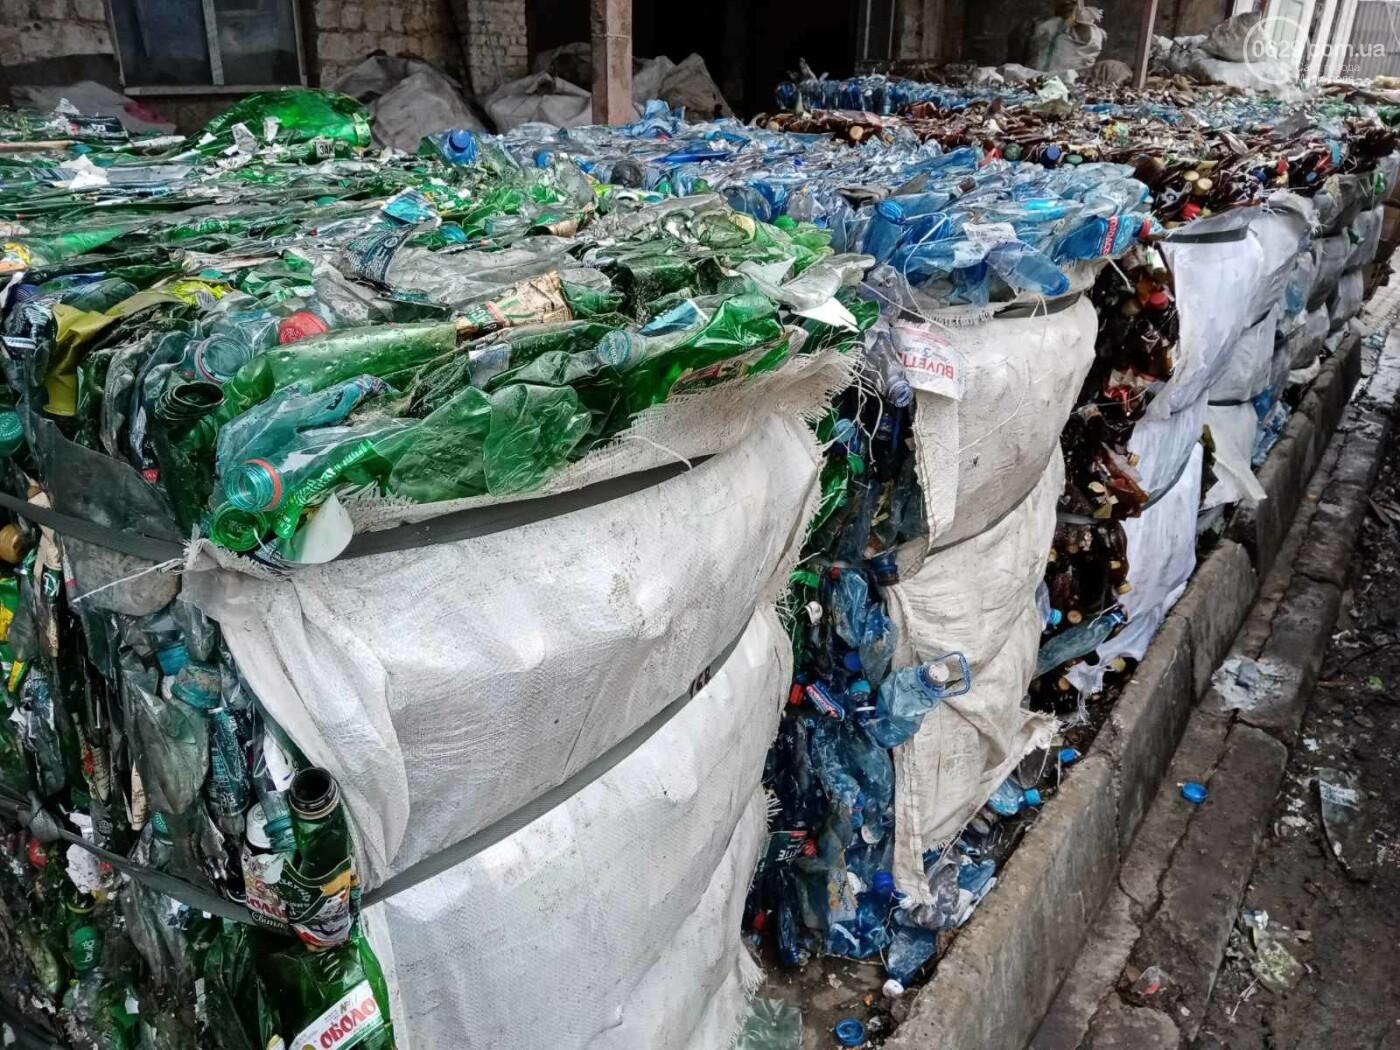 Мариуполь чистый город. Закупаем макулатуру, пластик, ПЭТ, стекло и другие отходы, фото-4